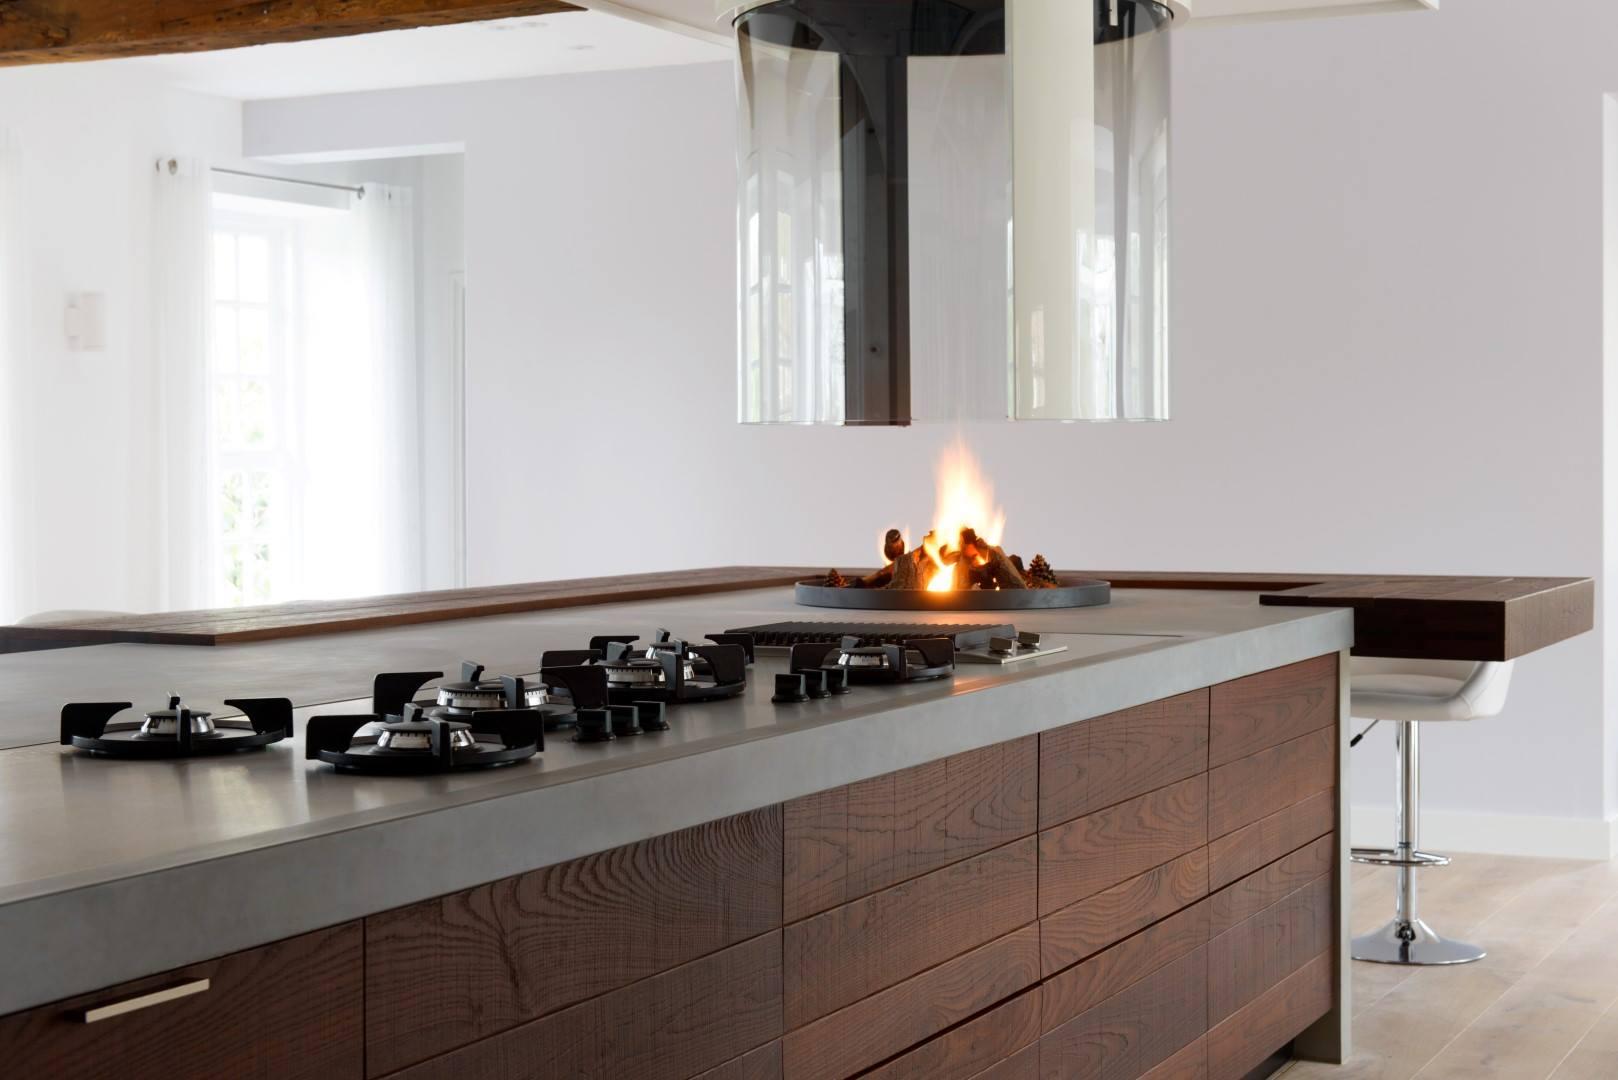 Moderne houten keukens van jp walker nieuws startpagina voor keuken idee n uw - Moderne designkeuken ...